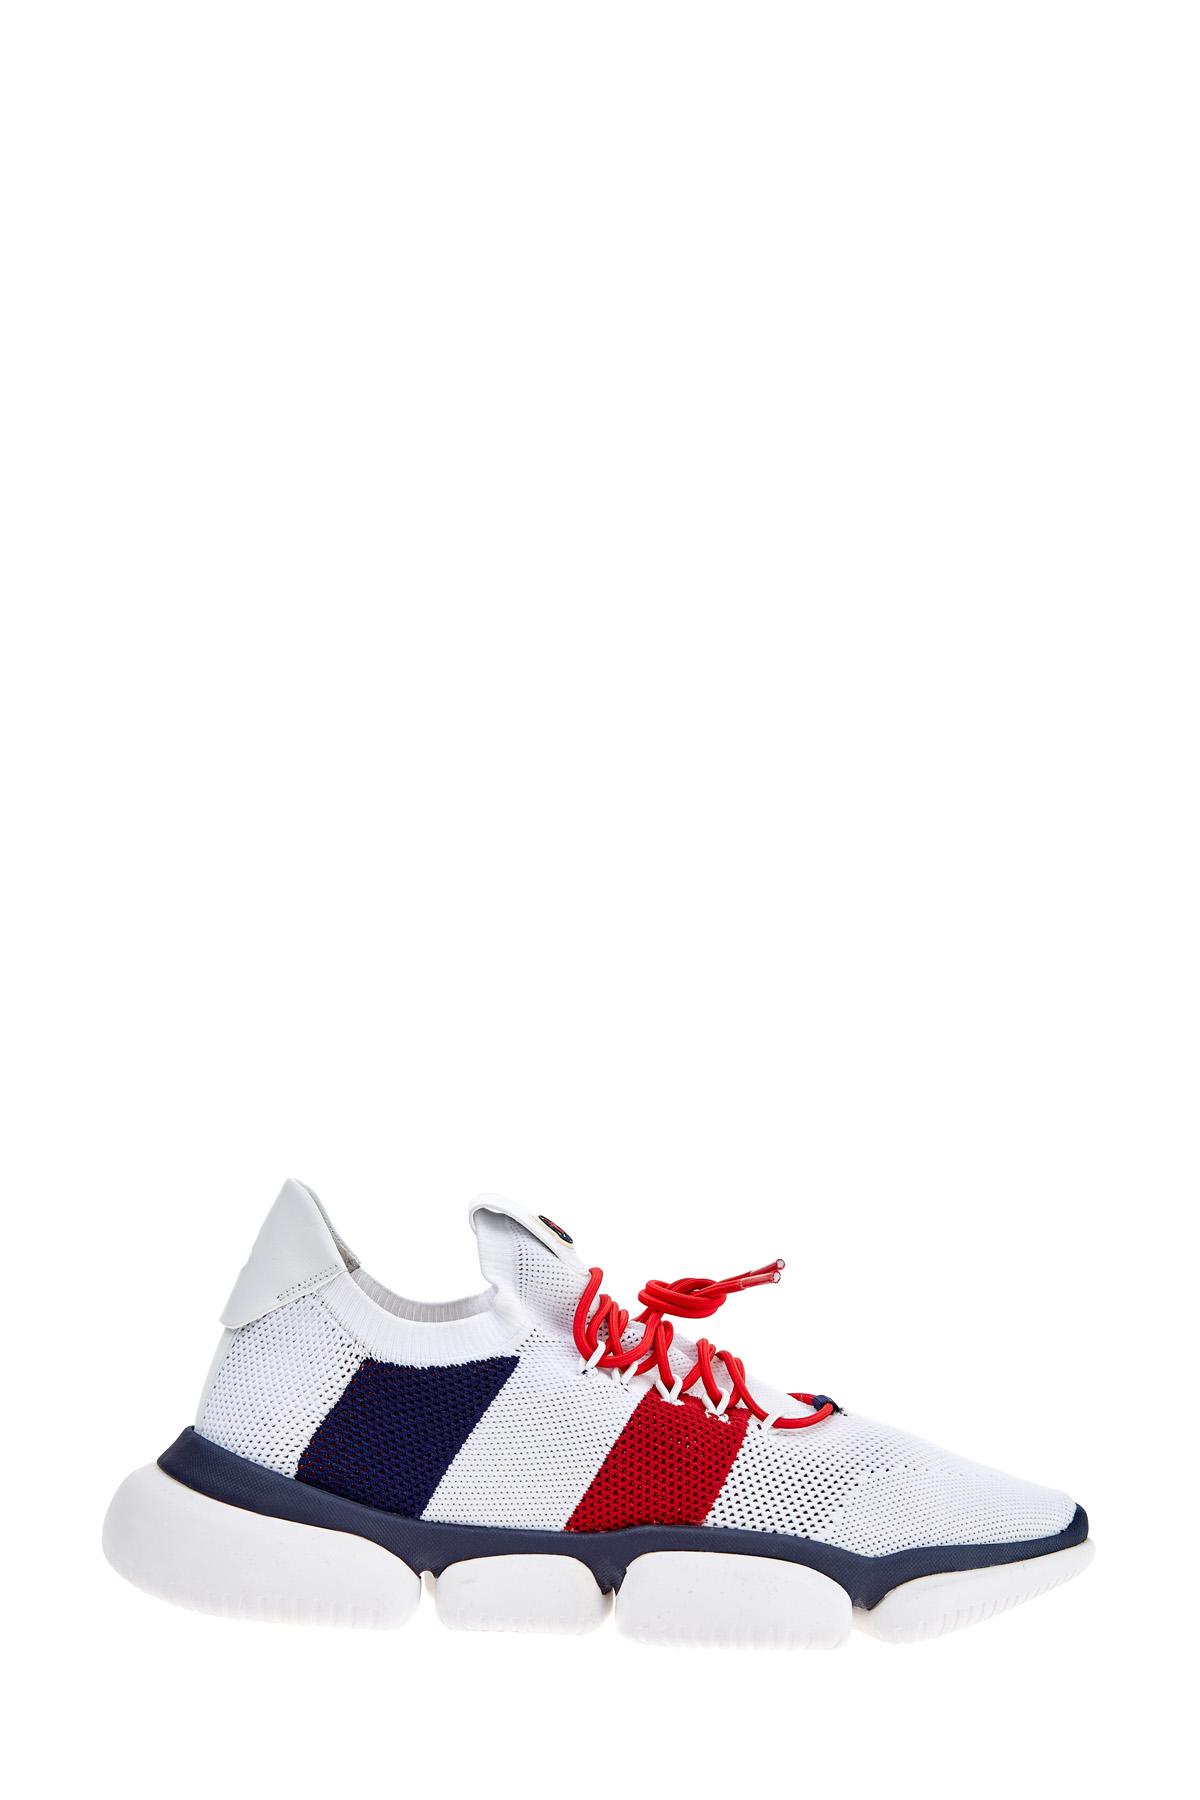 Купить со скидкой Кроссовки Bubble Sneaker на оригинальной амортизирующей подошве